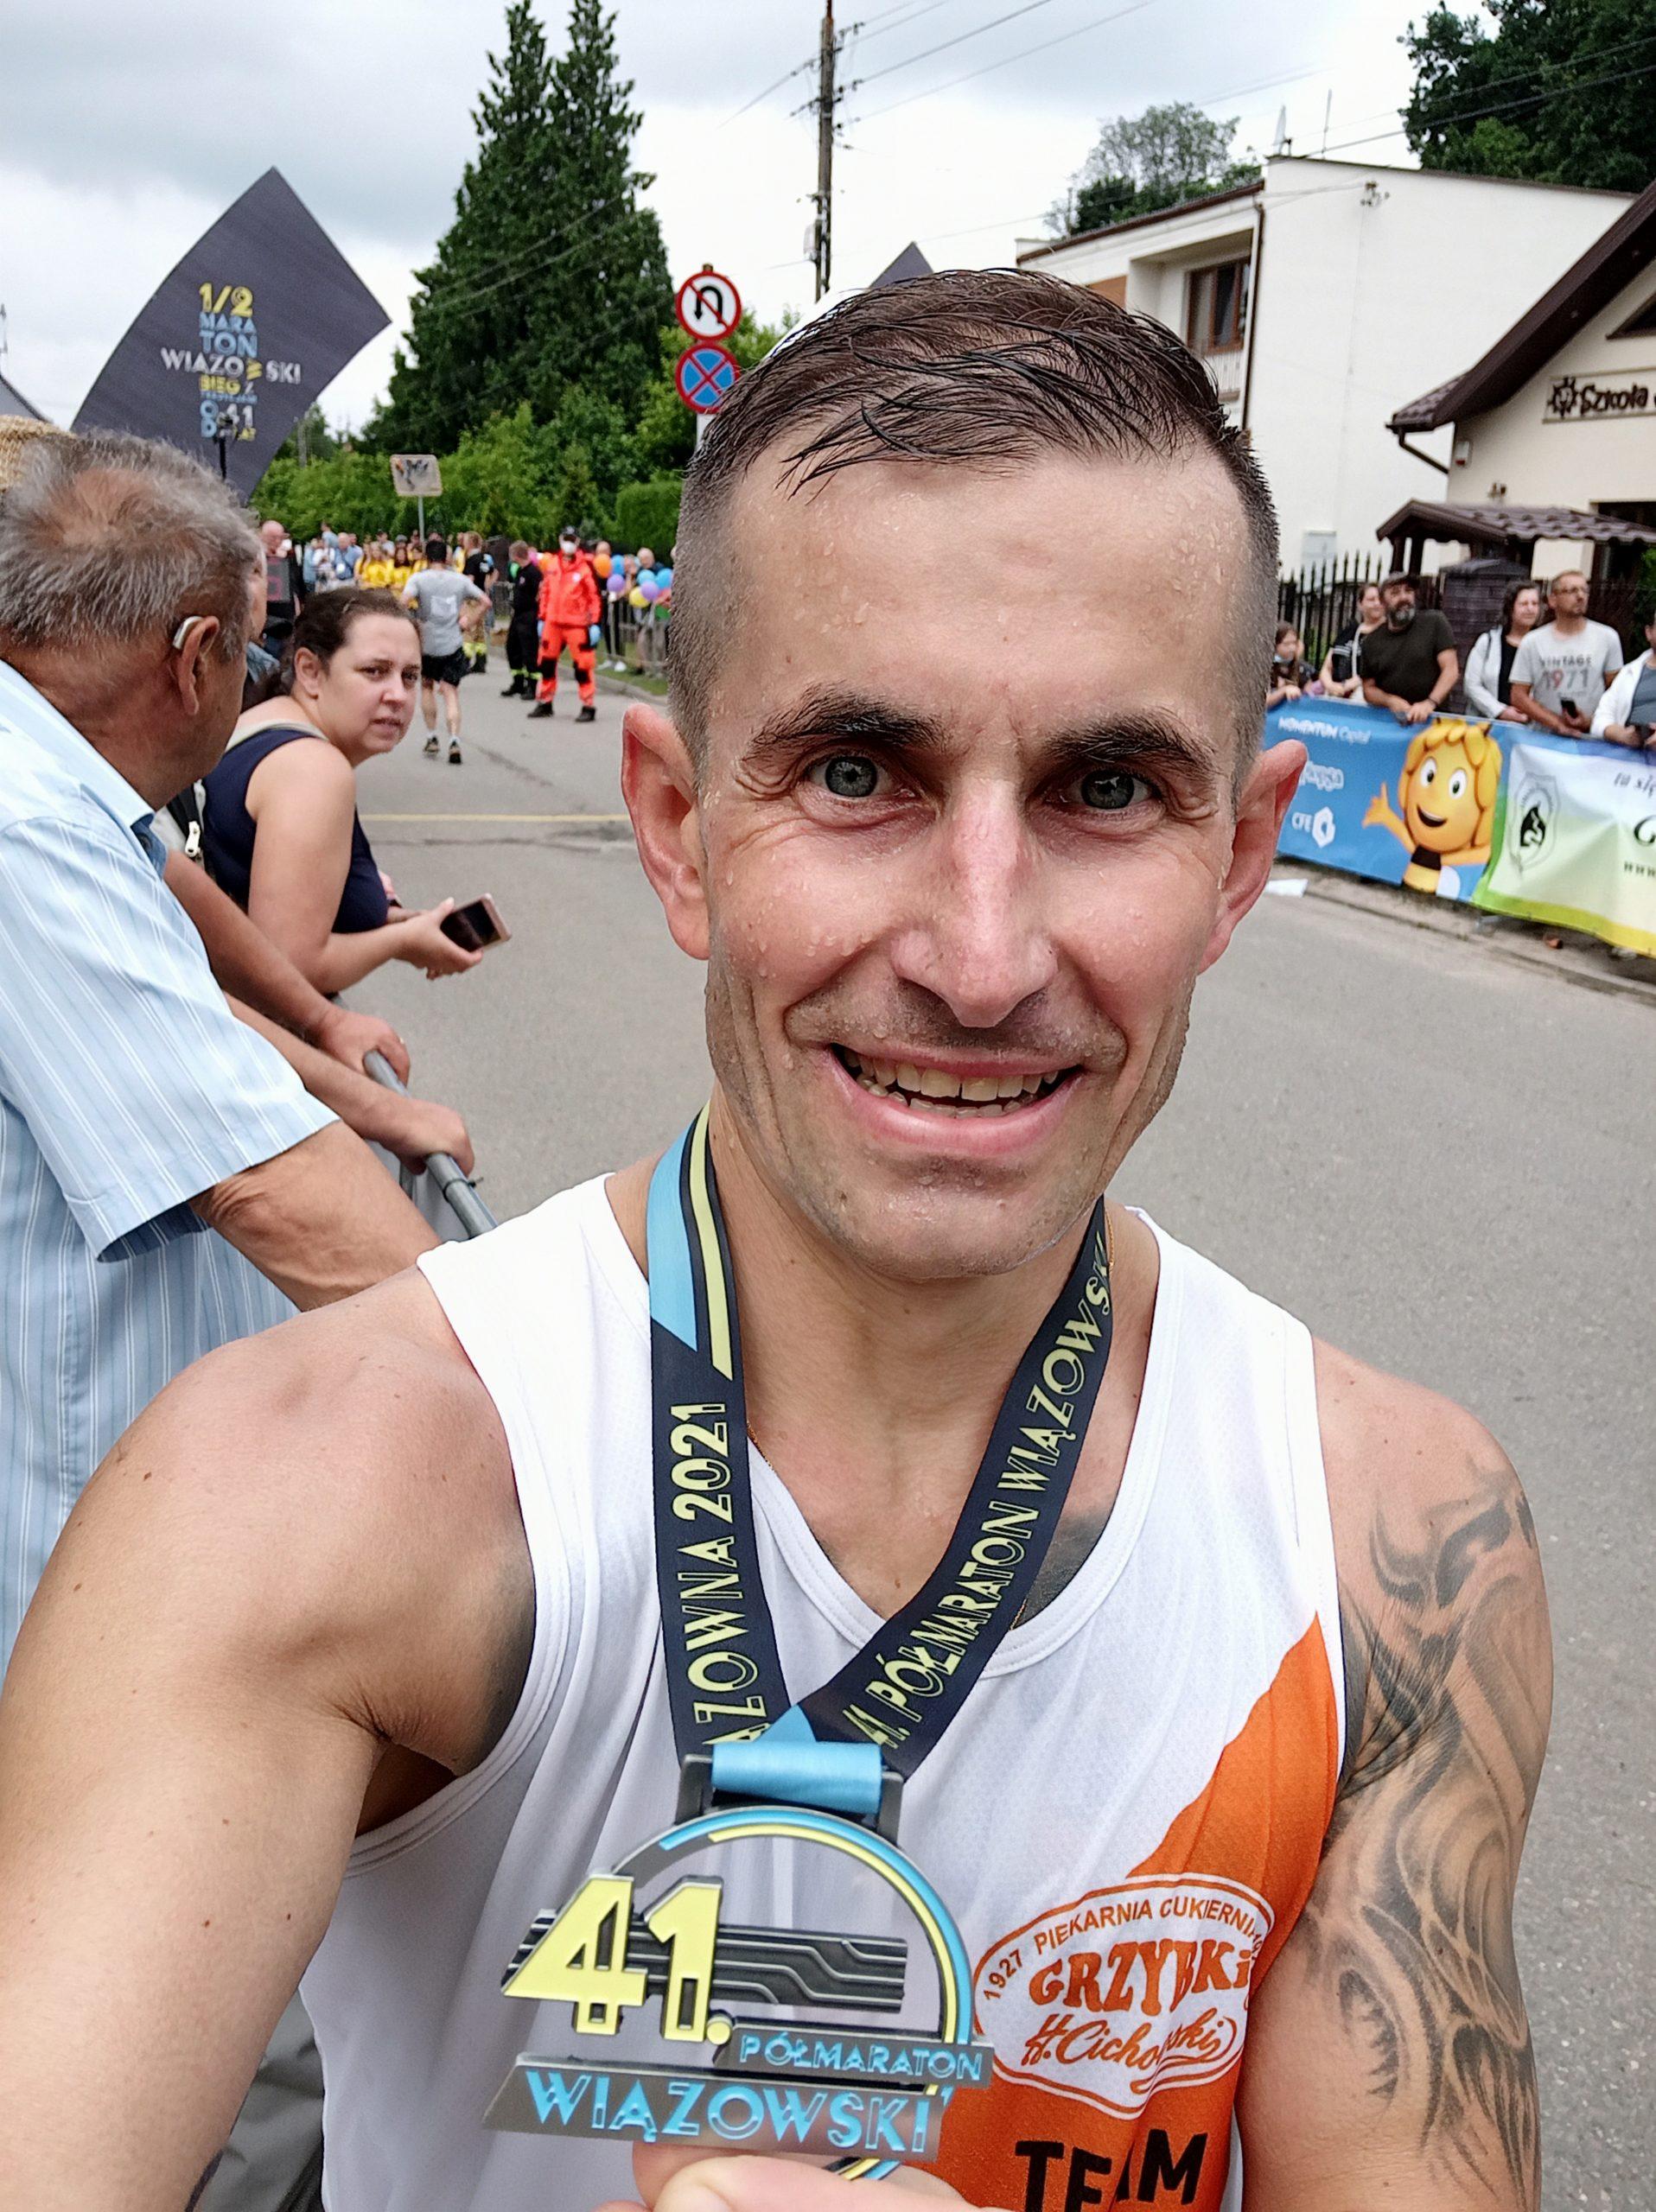 41 Półmaraton Wiązowski 04 lipca 2021 r. - niezawodny Marcin